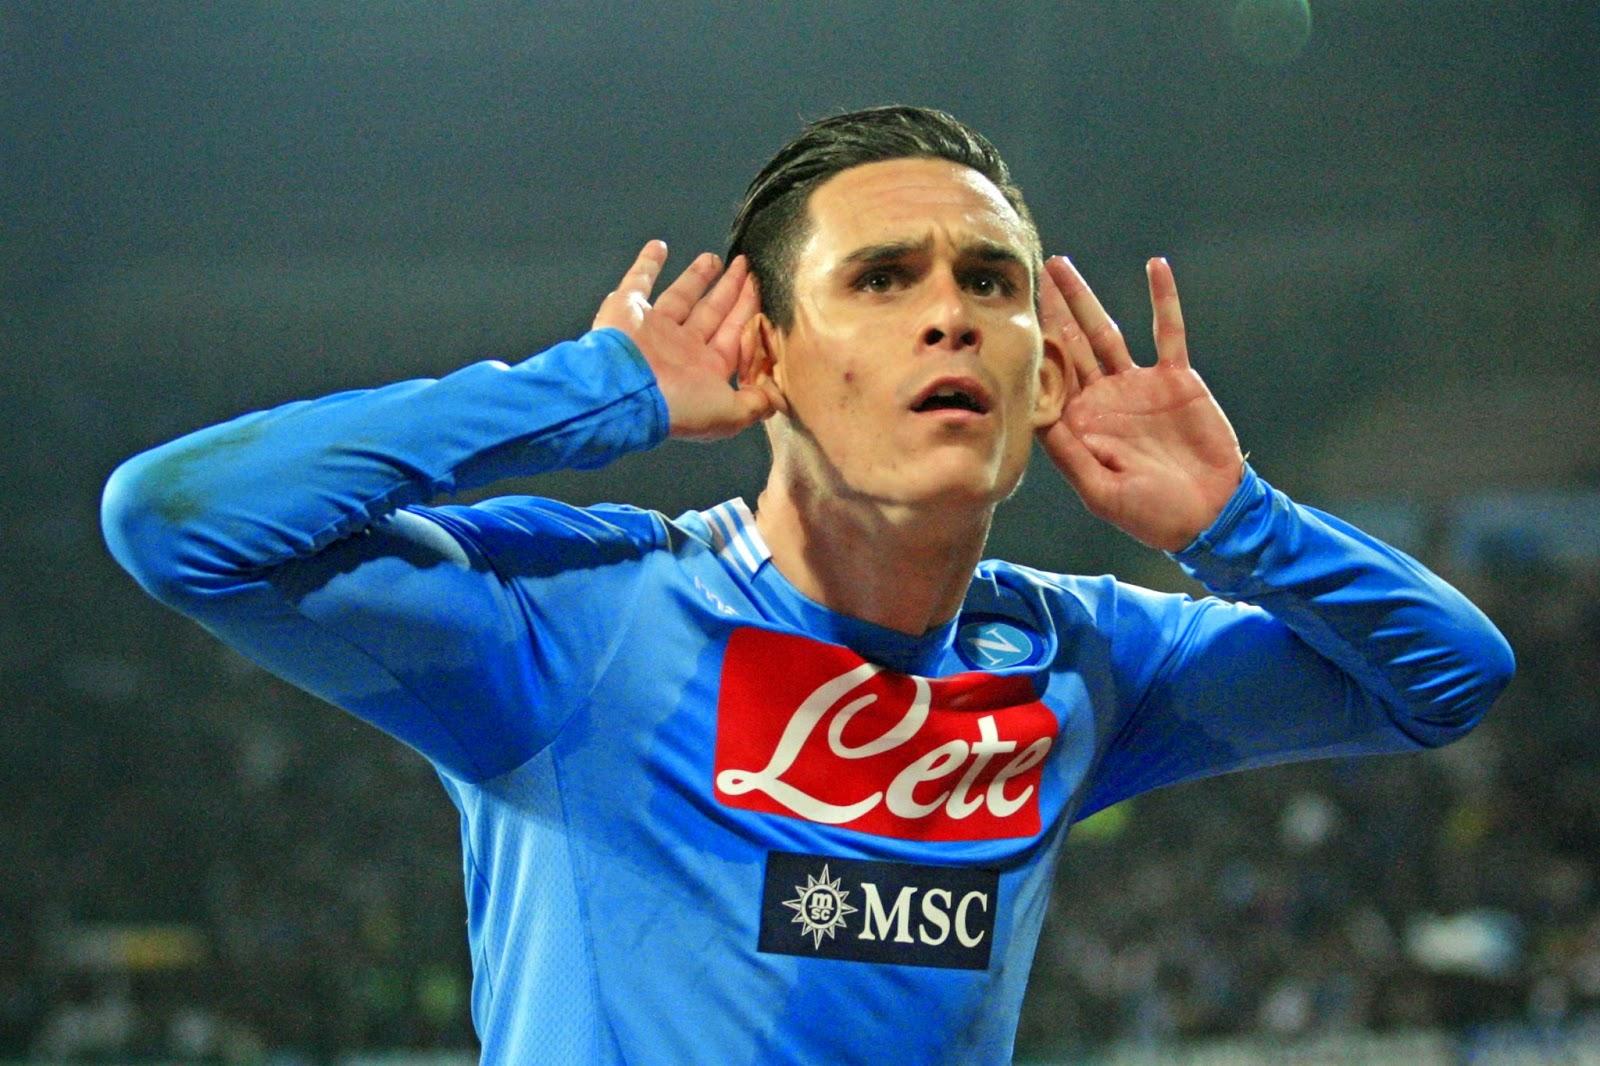 Pronostici Europa League Napoli Inter Fiorentina Torino e Roma 26-02-2015